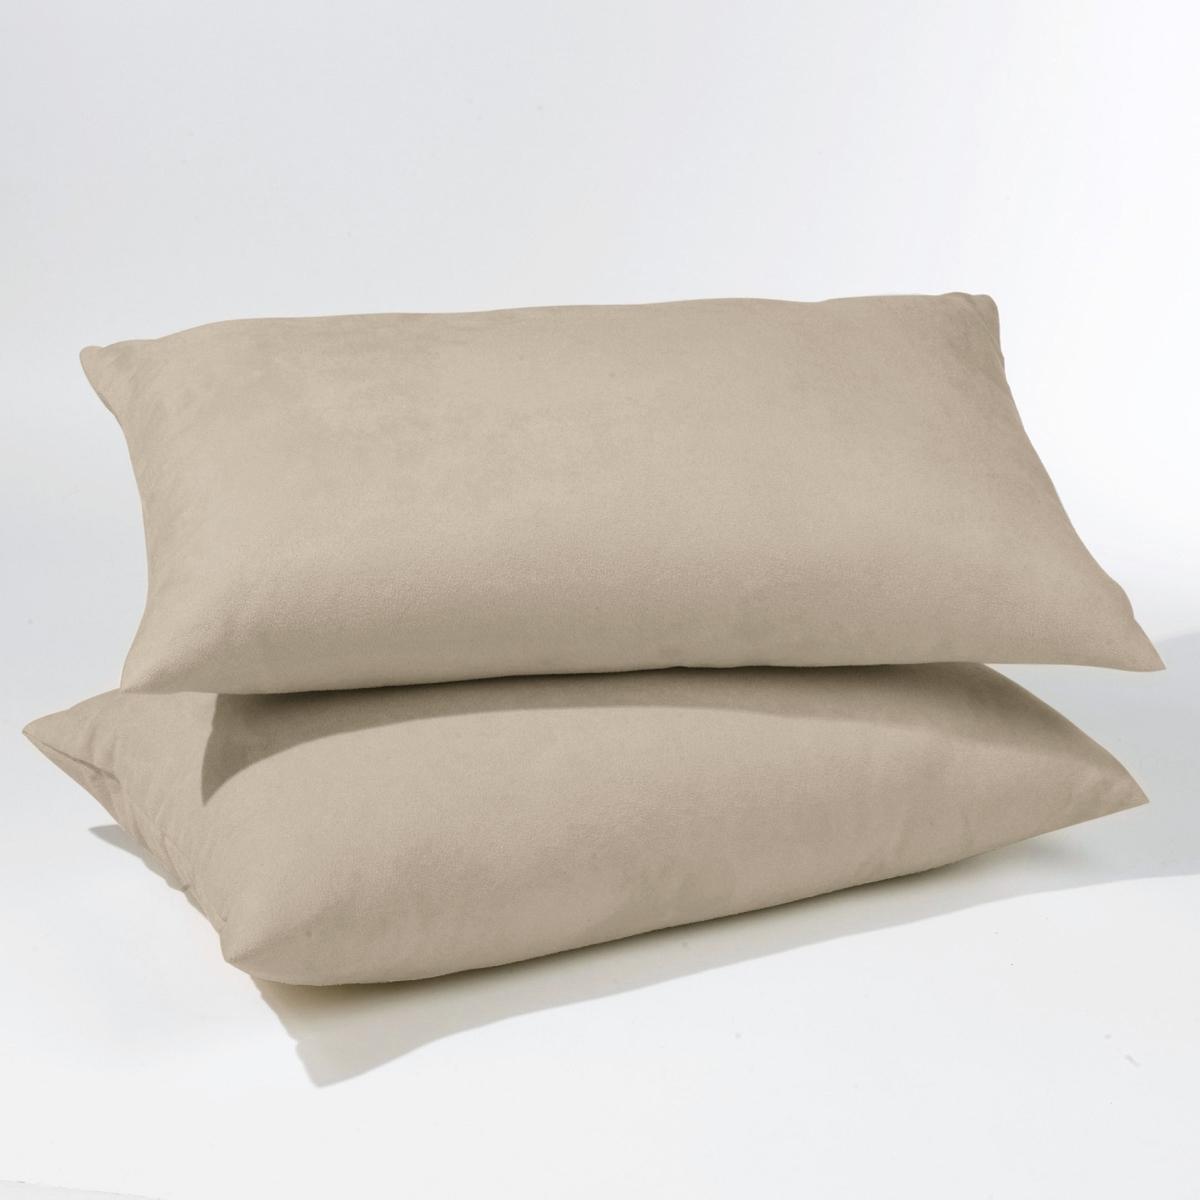 Комплект из 2 чехлов для подушек из поликоттона